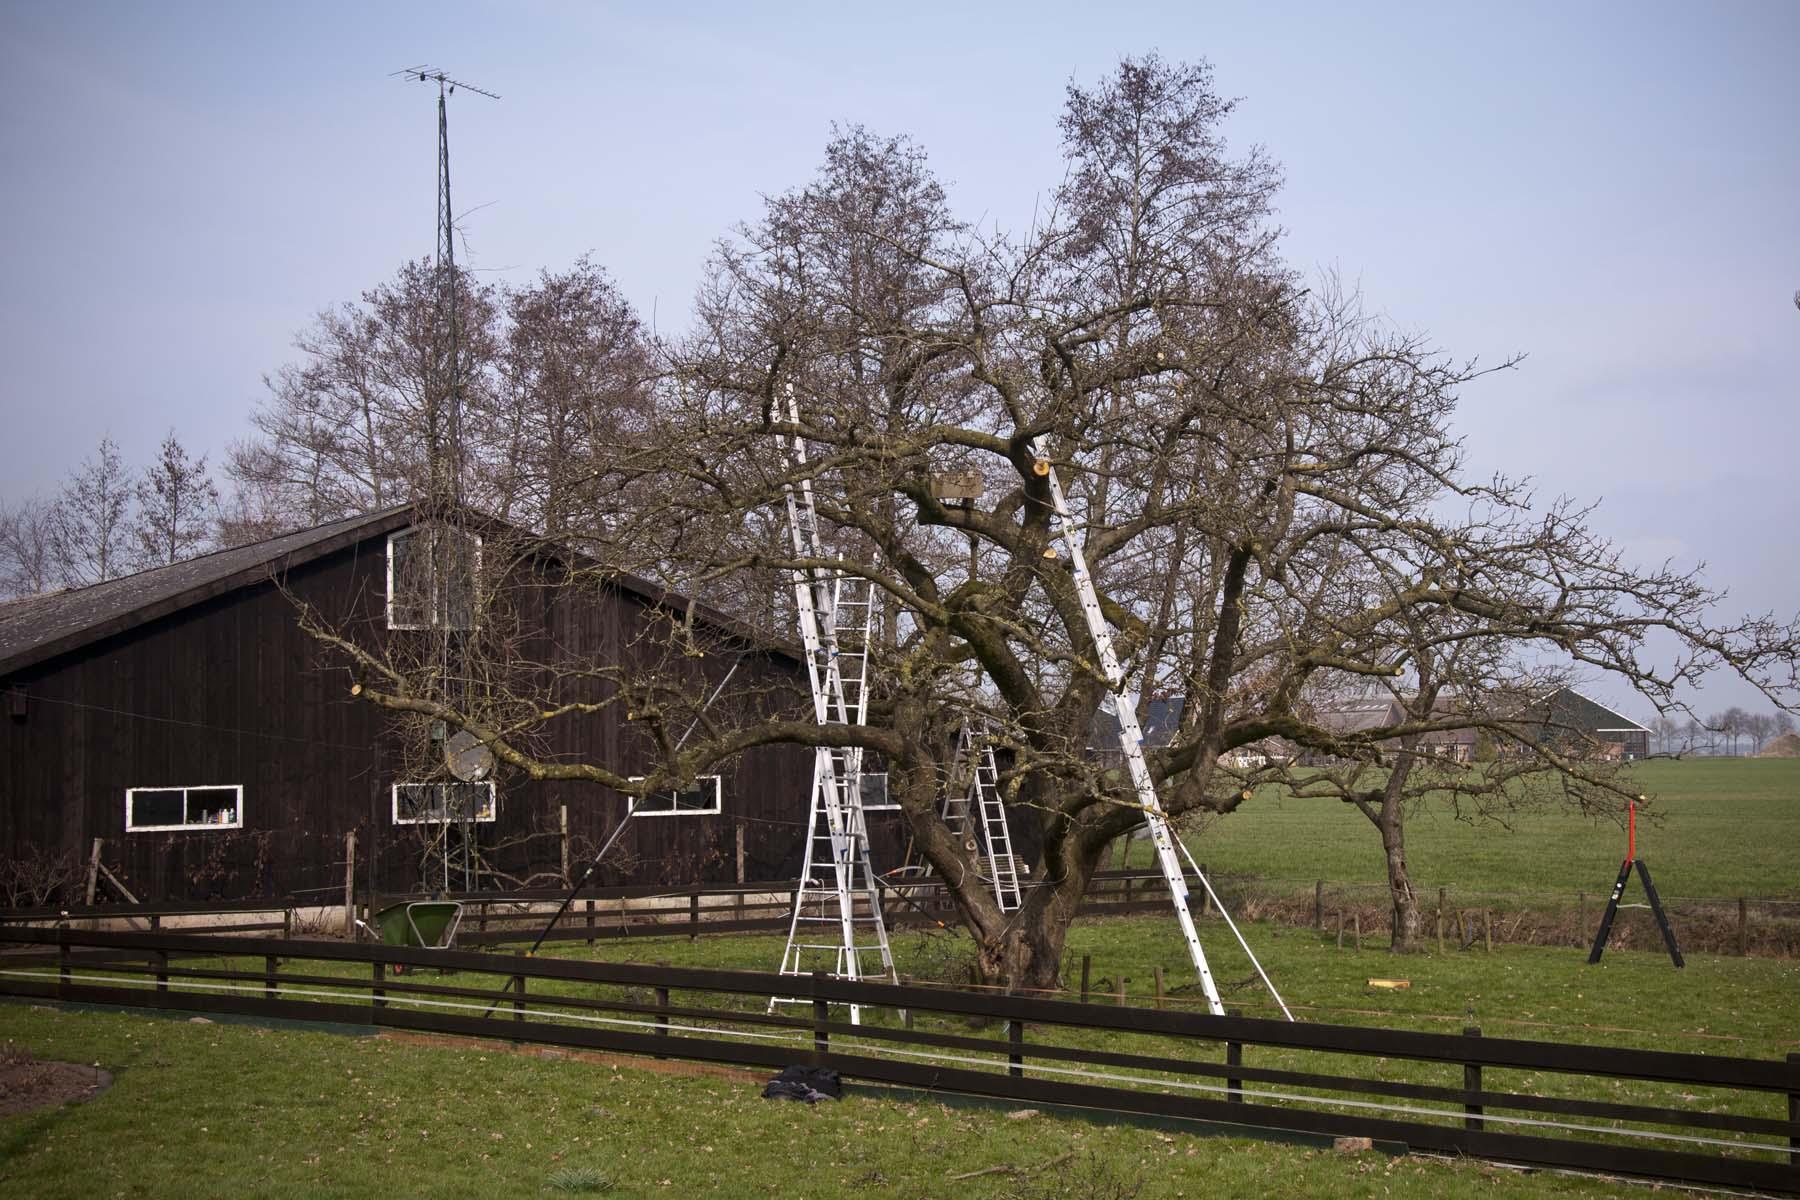 2012-03-17-hsb-wanneperveen-3609